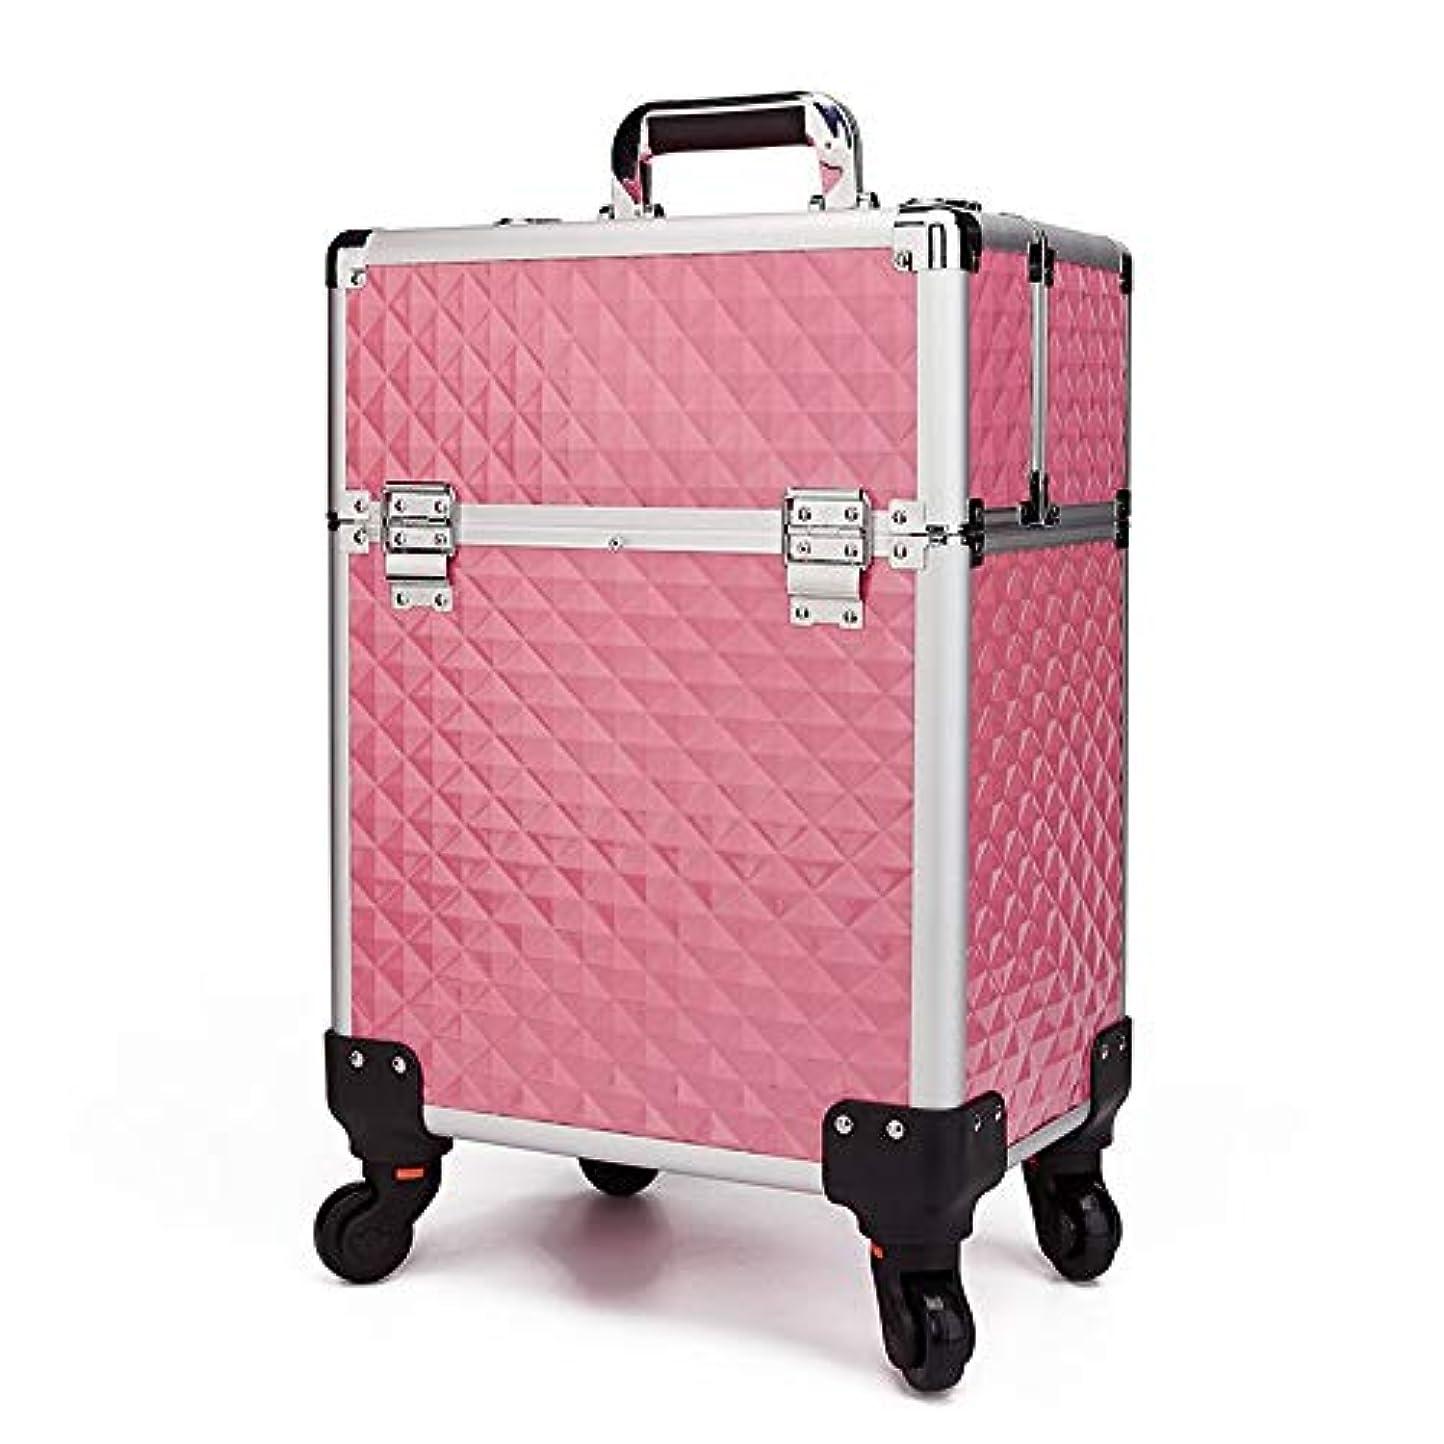 を必要としています第四自動化特大スペース収納ビューティーボックス 女の子の女性旅行のための新しく、実用的な携帯用化粧箱およびロックおよび皿が付いている毎日の貯蔵 化粧品化粧台 (色 : ピンク)